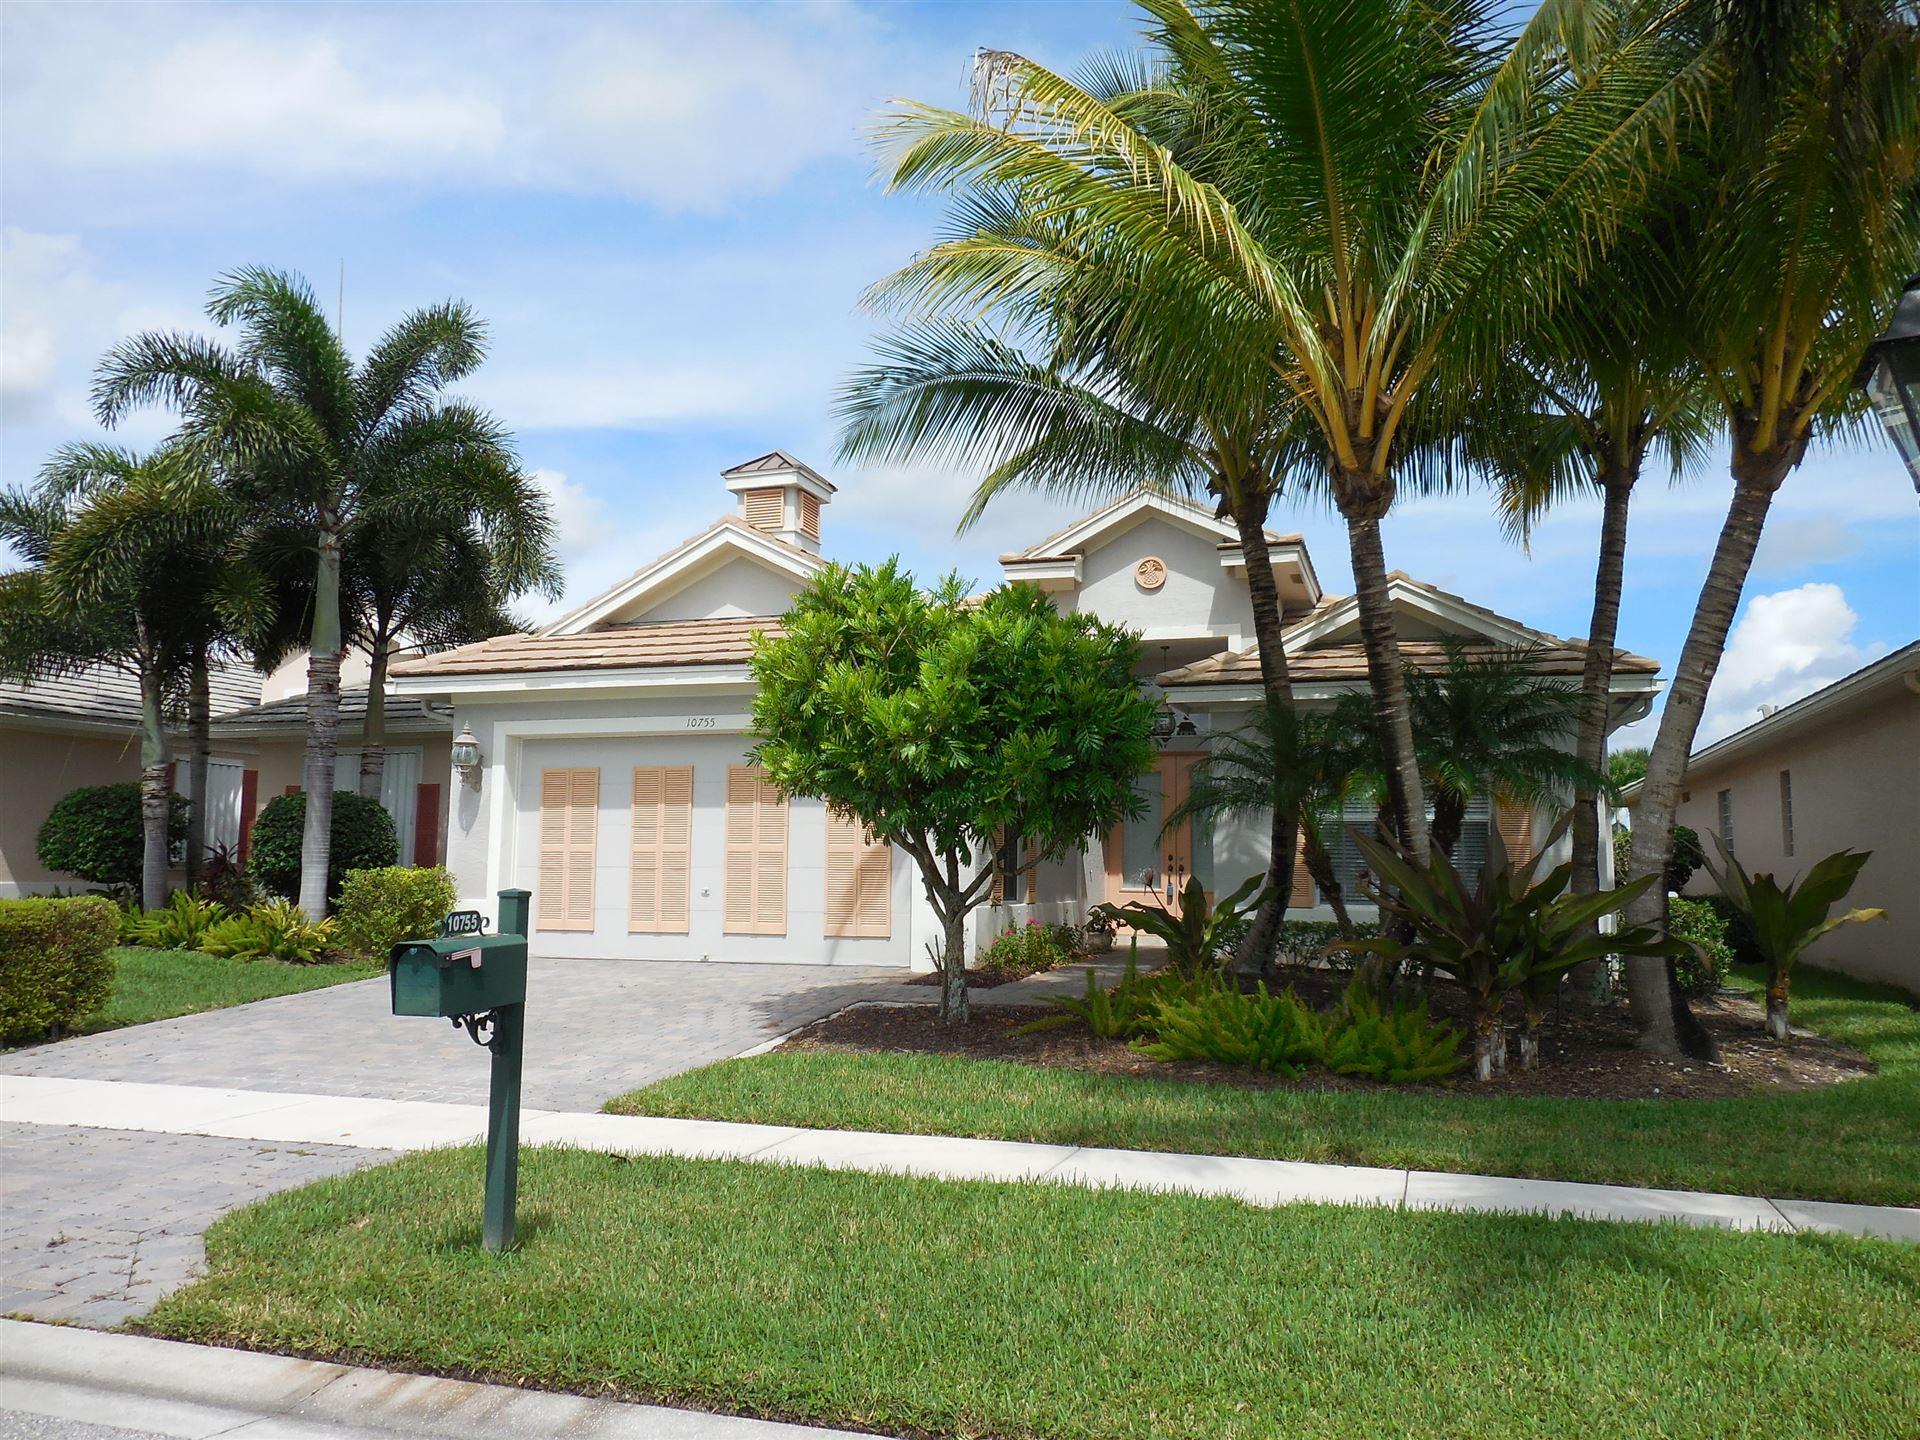 10755 La Strada, West Palm Beach, FL 33412 - #: RX-10673240